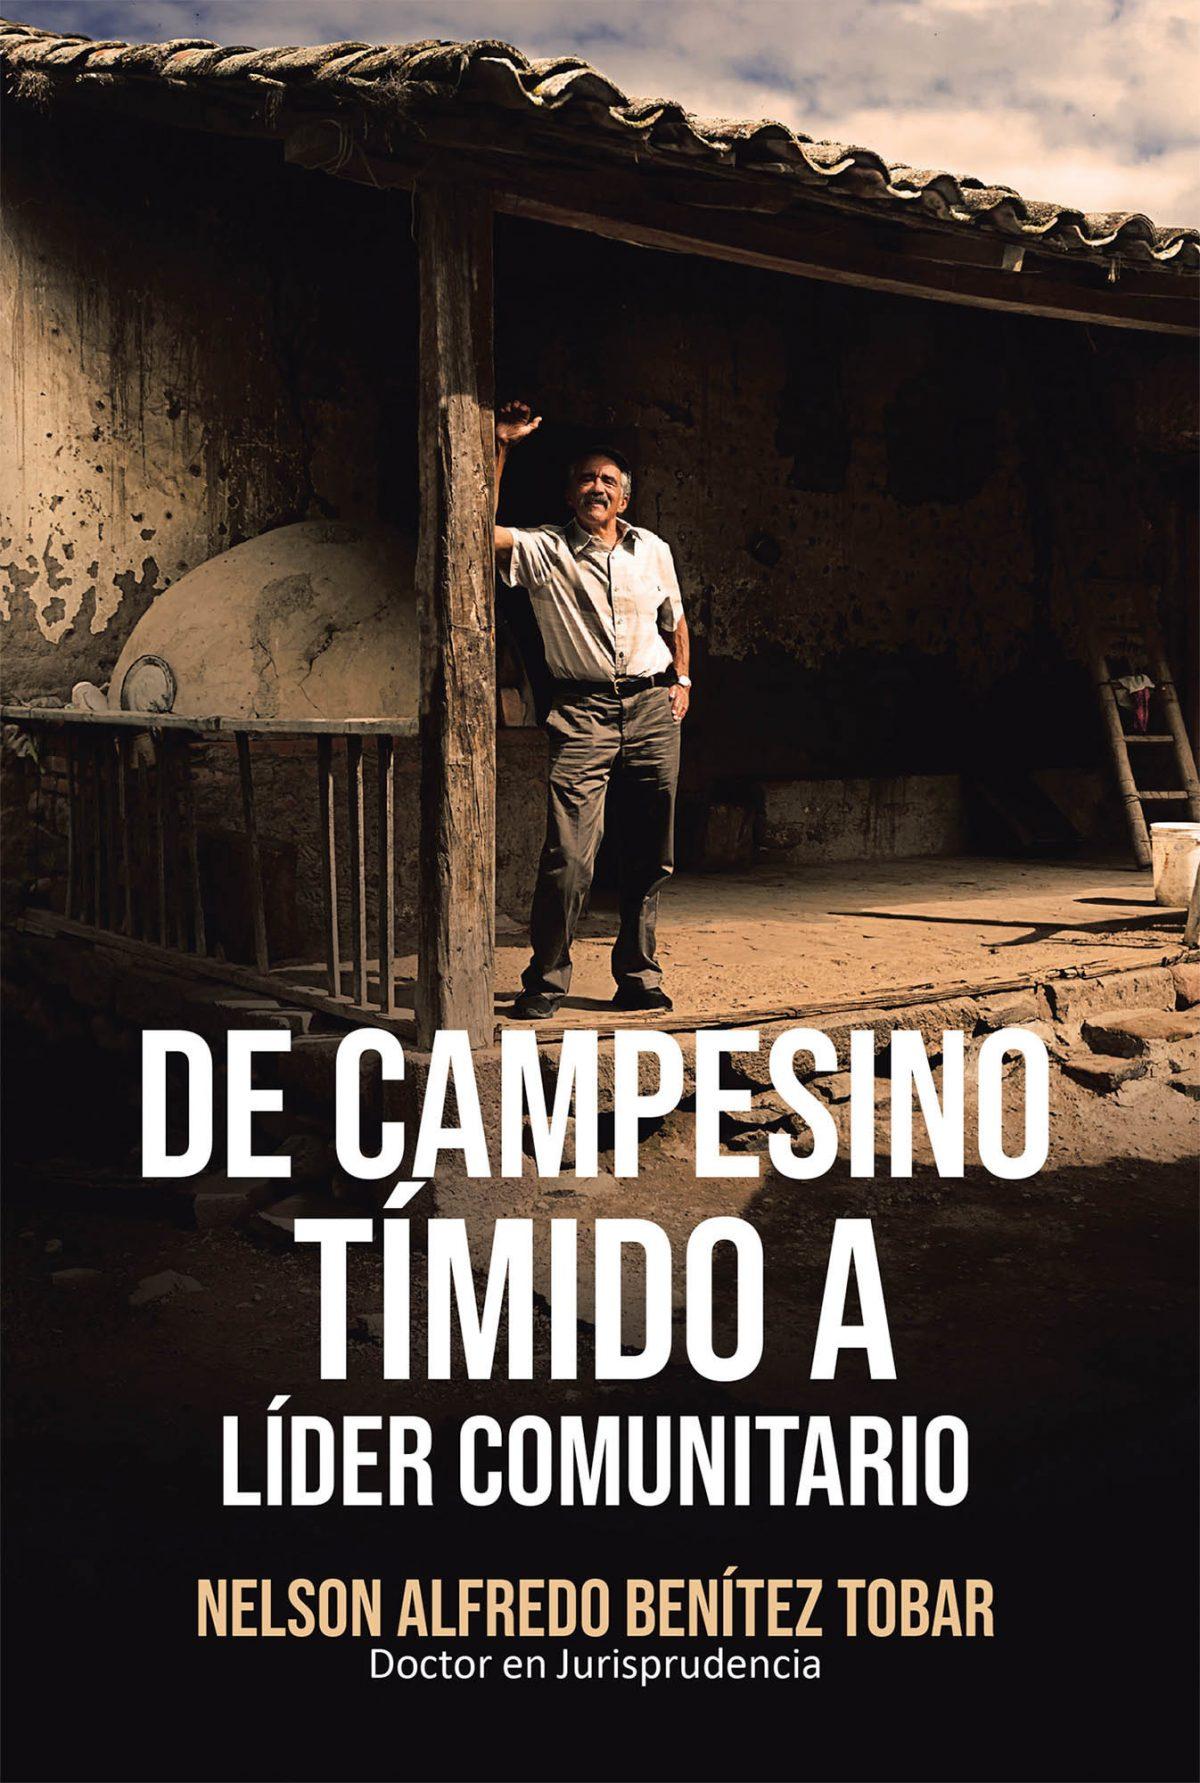 El nuevo libro de Nelson Benítez,  De Campesino Tímido a Líder Comunitario, una autobiografía sobre el llamado a la justicia social.